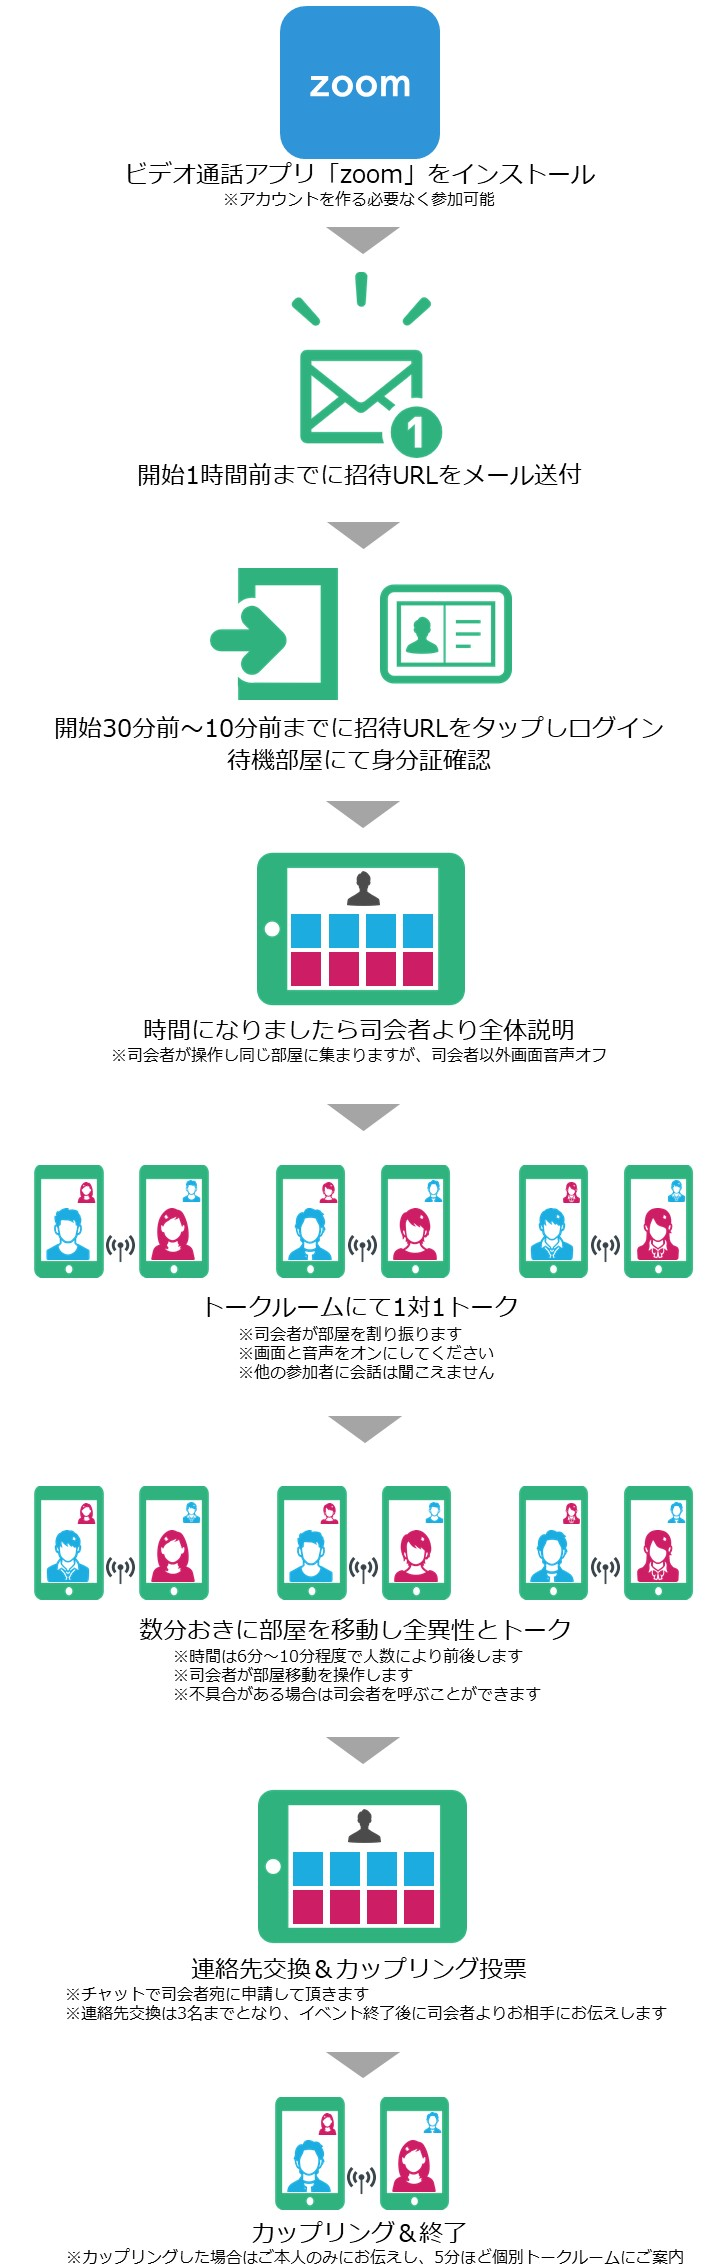 オンライン婚活の流れ 神奈川 藤沢